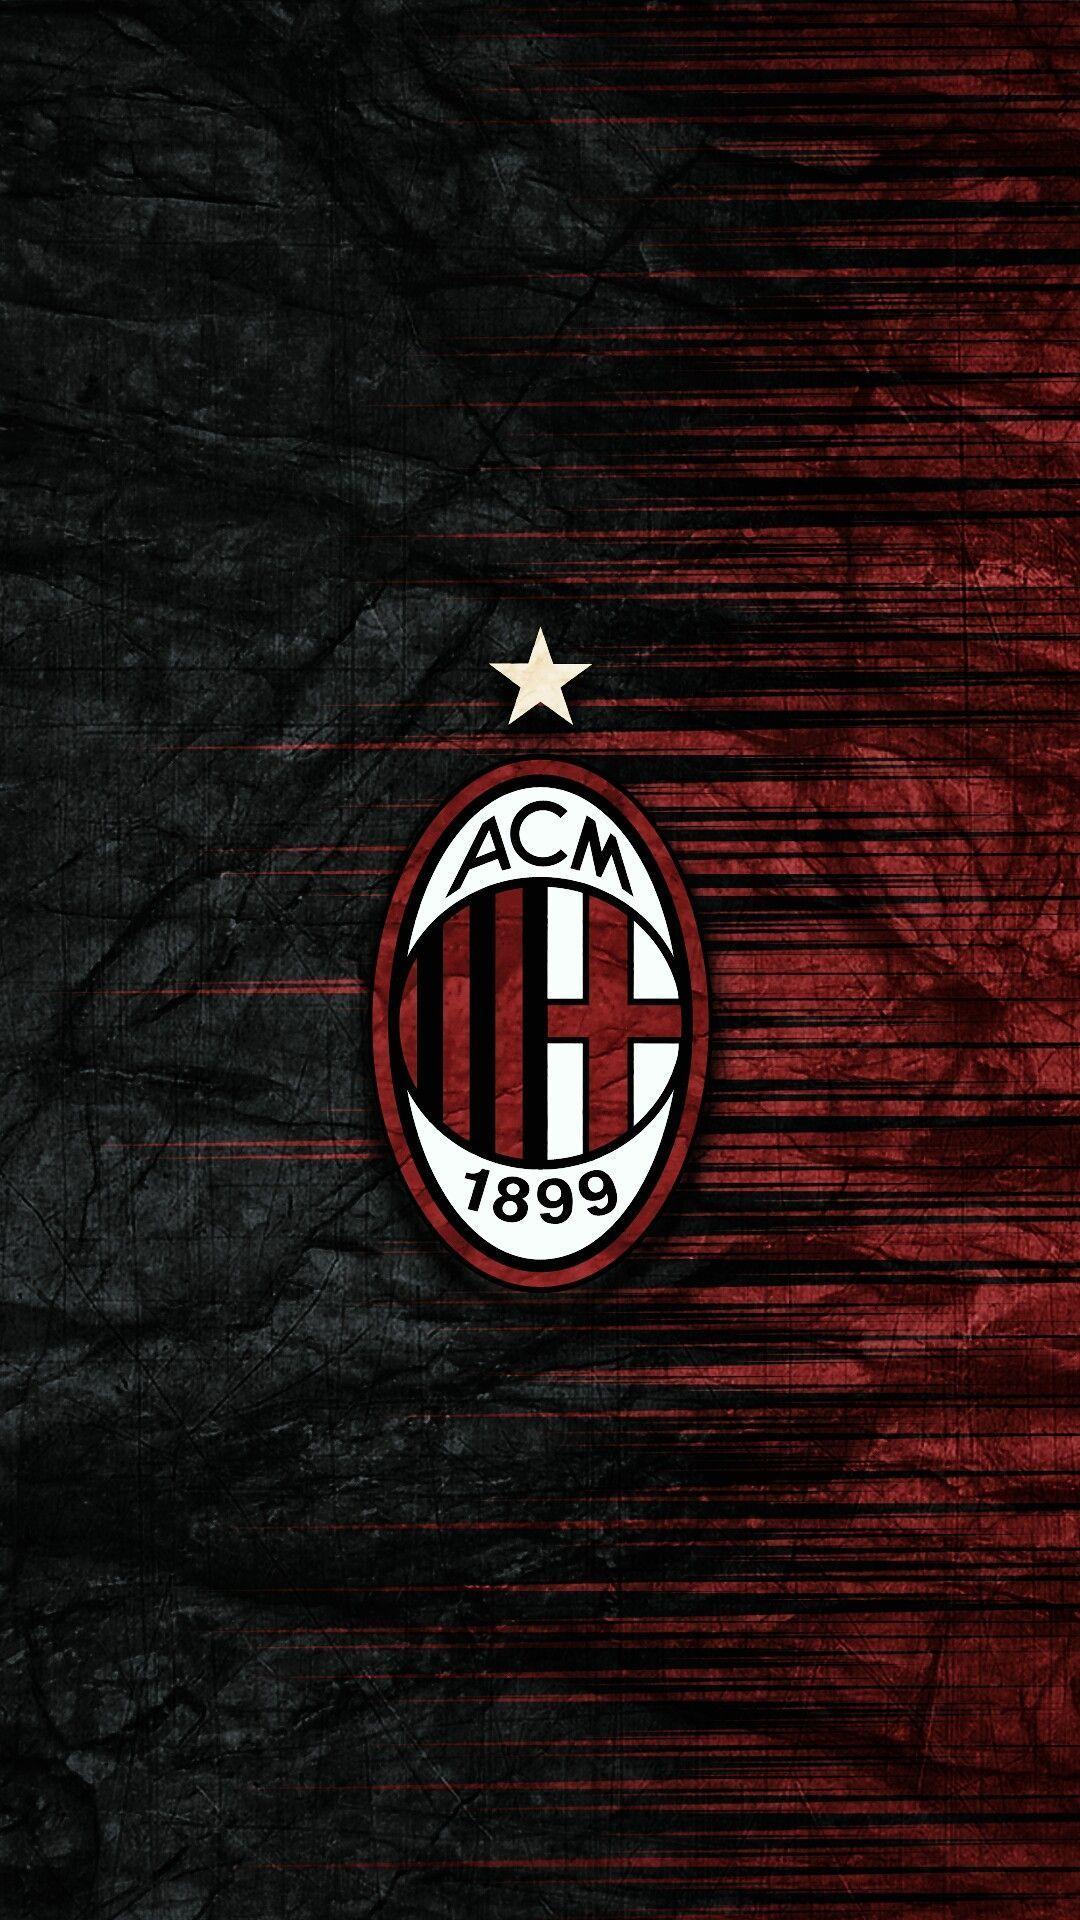 Ac Milan Wallpaper Android 2018 In 2020 Milan Wallpaper Ac Milan Milan Football